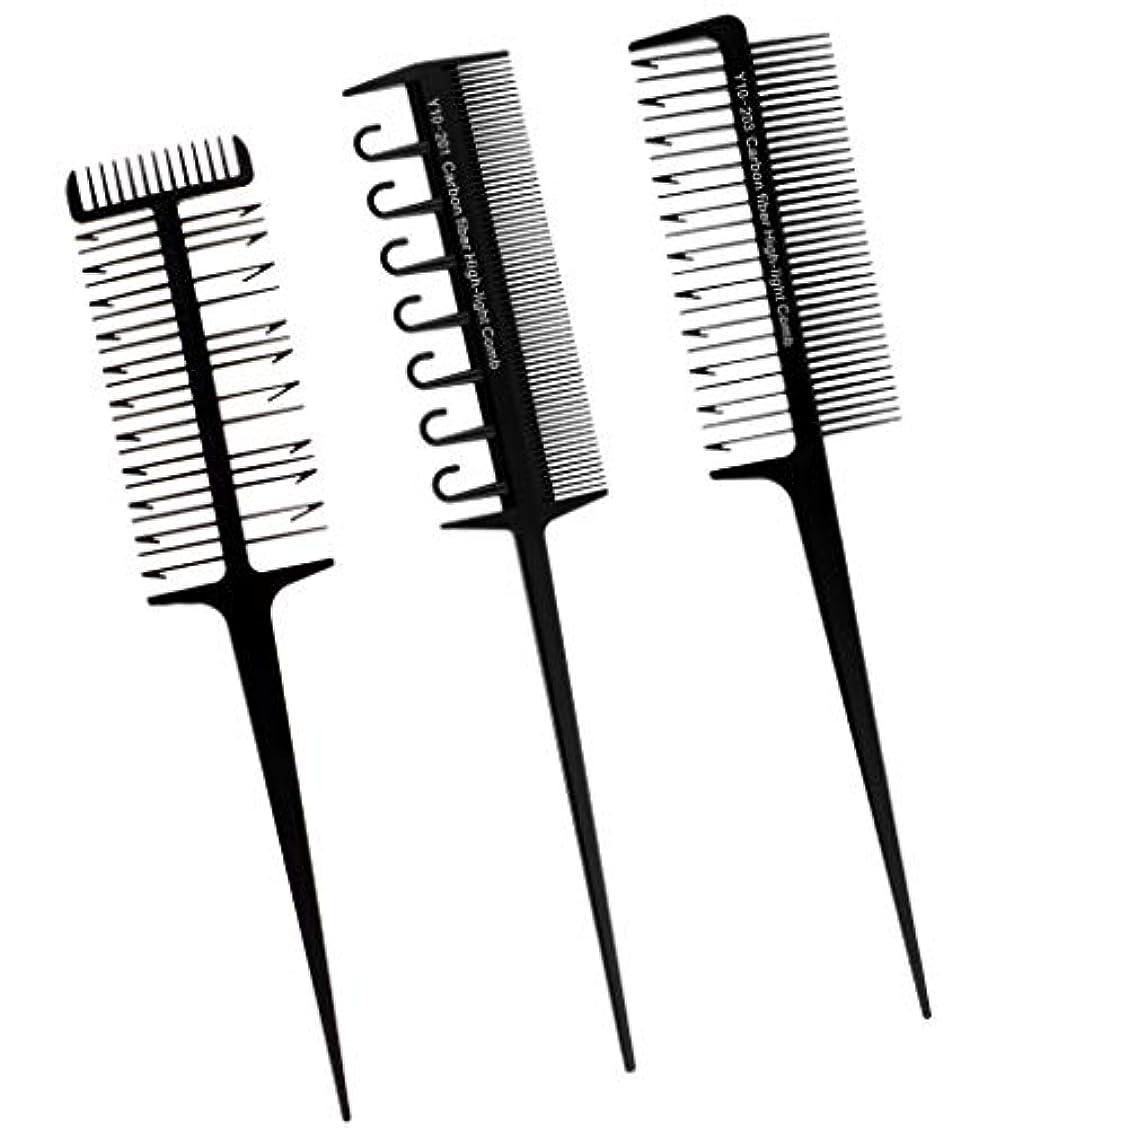 期限切れ圧縮不透明なCUTICATE ヘアダイブラシ プロ用 へアカラーセット DIY髪染め用 サロン 美髪師用 ヘアカラーの用具 3本入